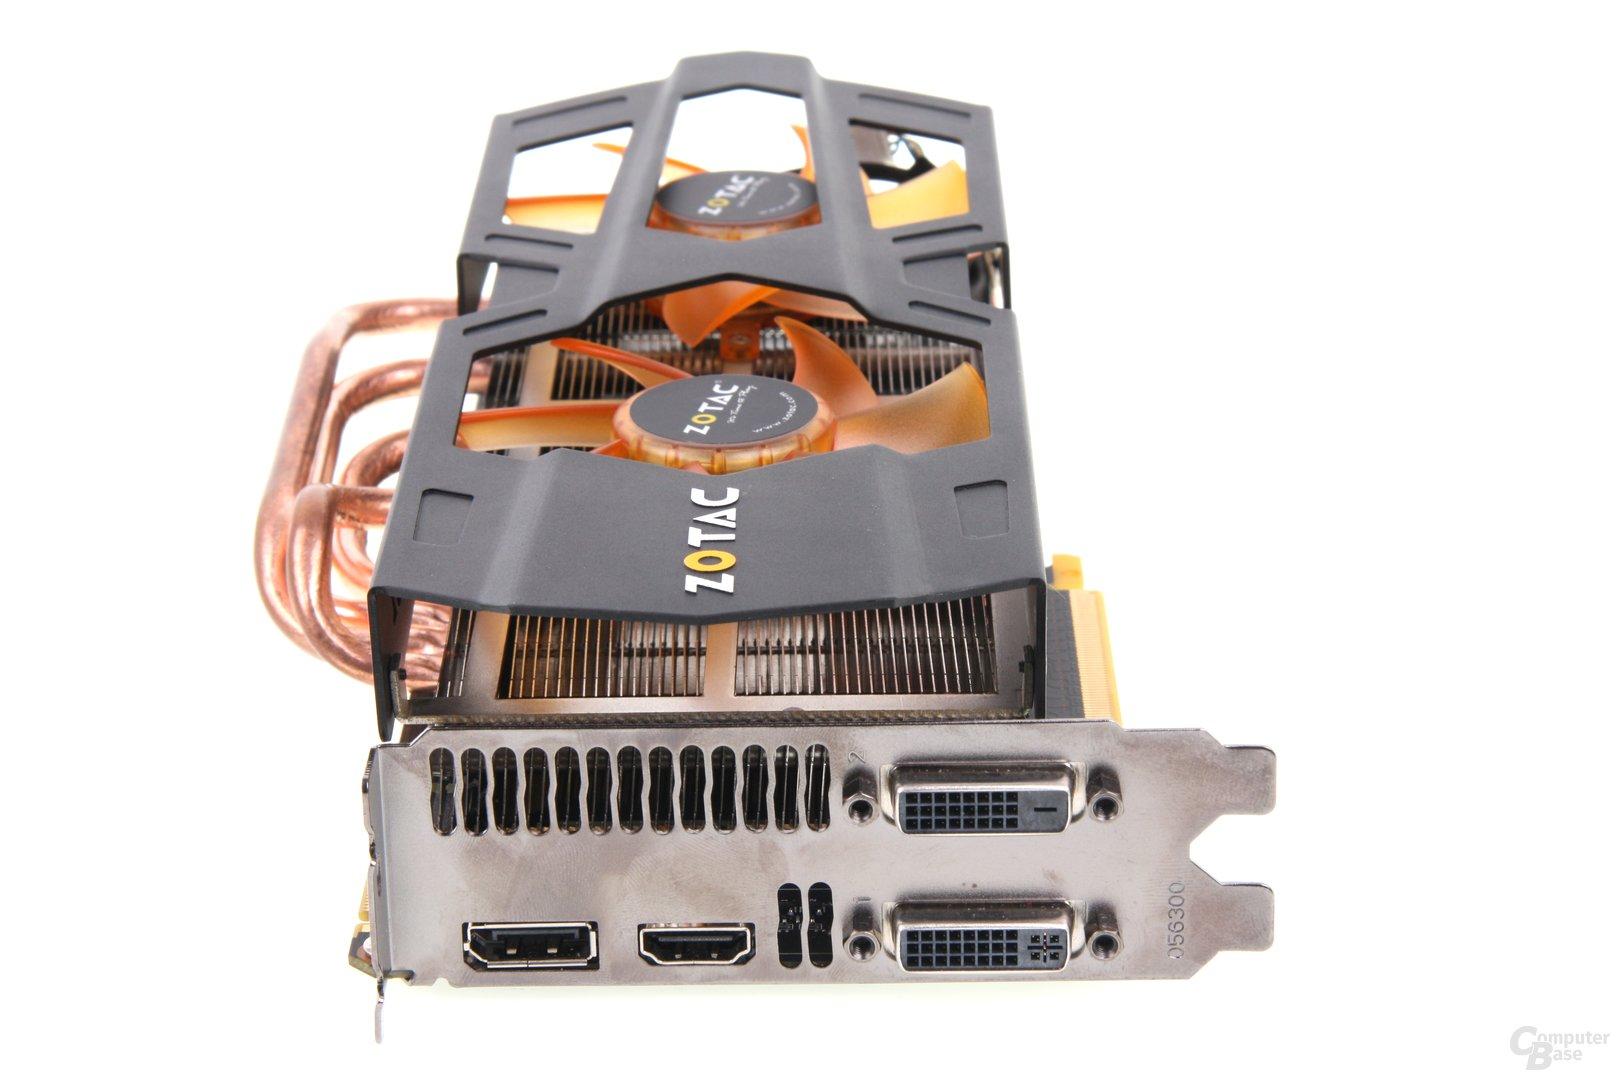 GeForce GTX 670 AMP! Slotblech